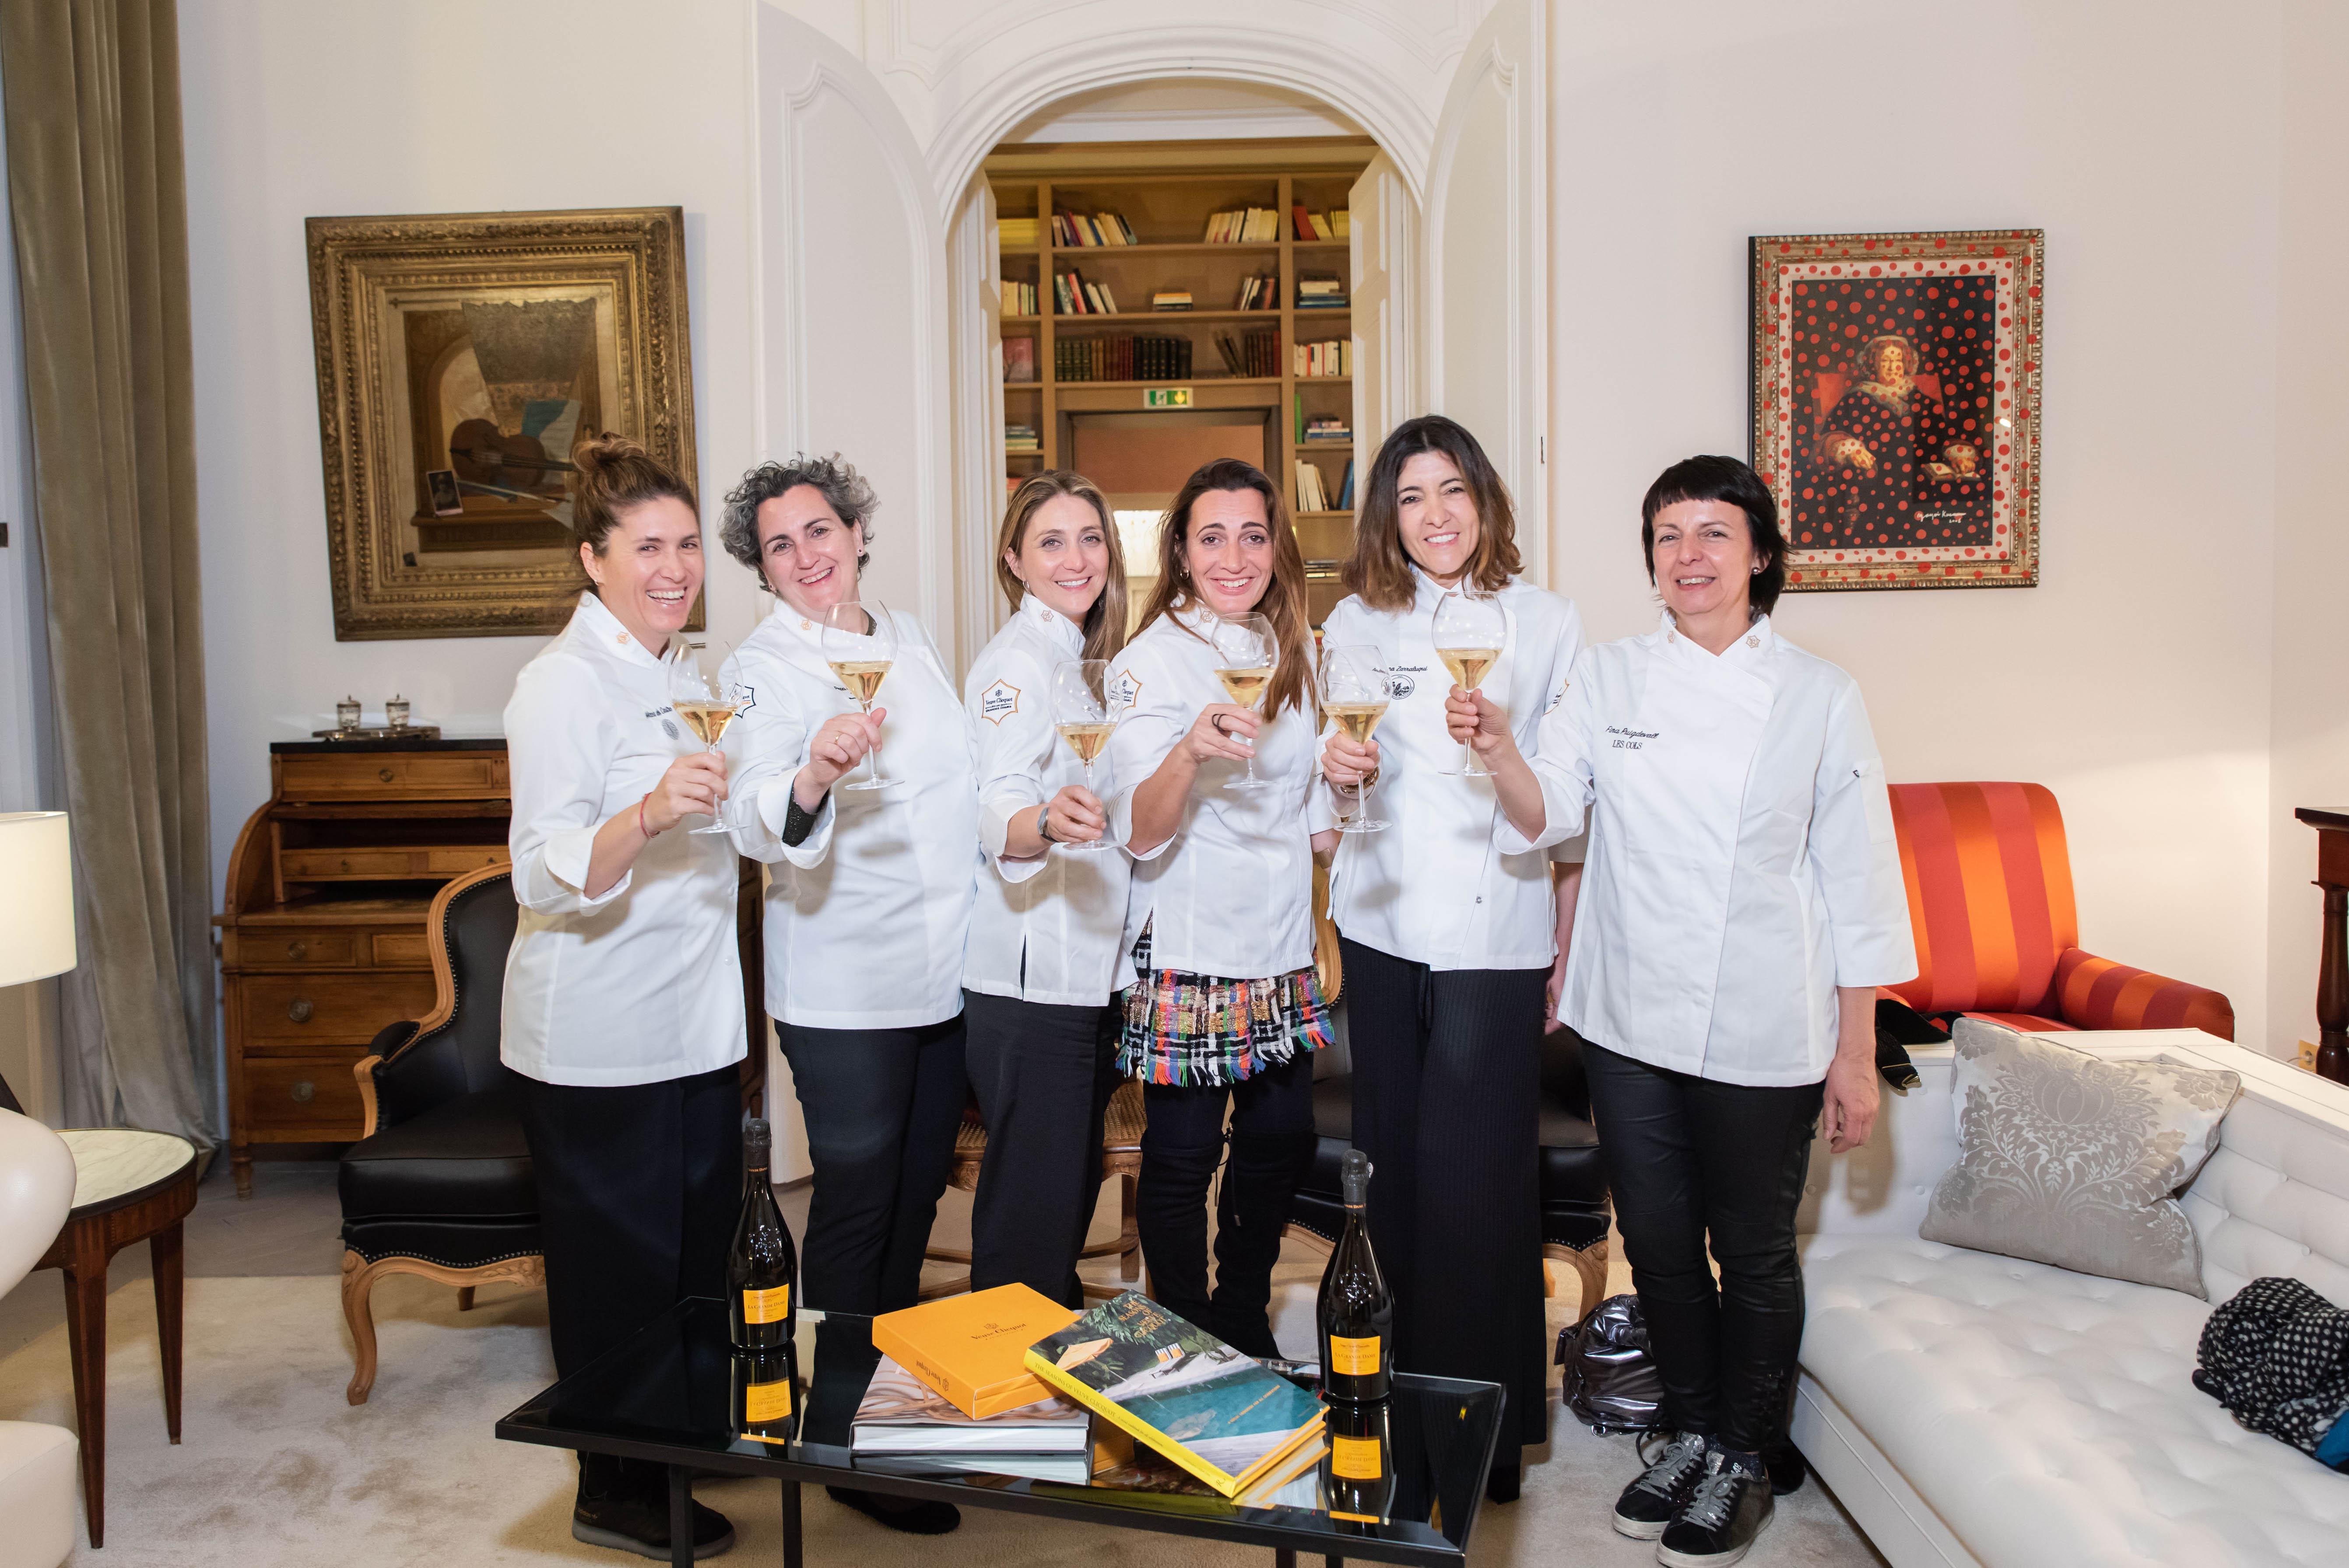 """Veuve Clicquot celebra la bienvenida de Fina Puigdevall, Andrea Zarraluqui y Lucía Freitas como nuevas integrantes del """"Atelier de grandes damas"""" en 2019"""